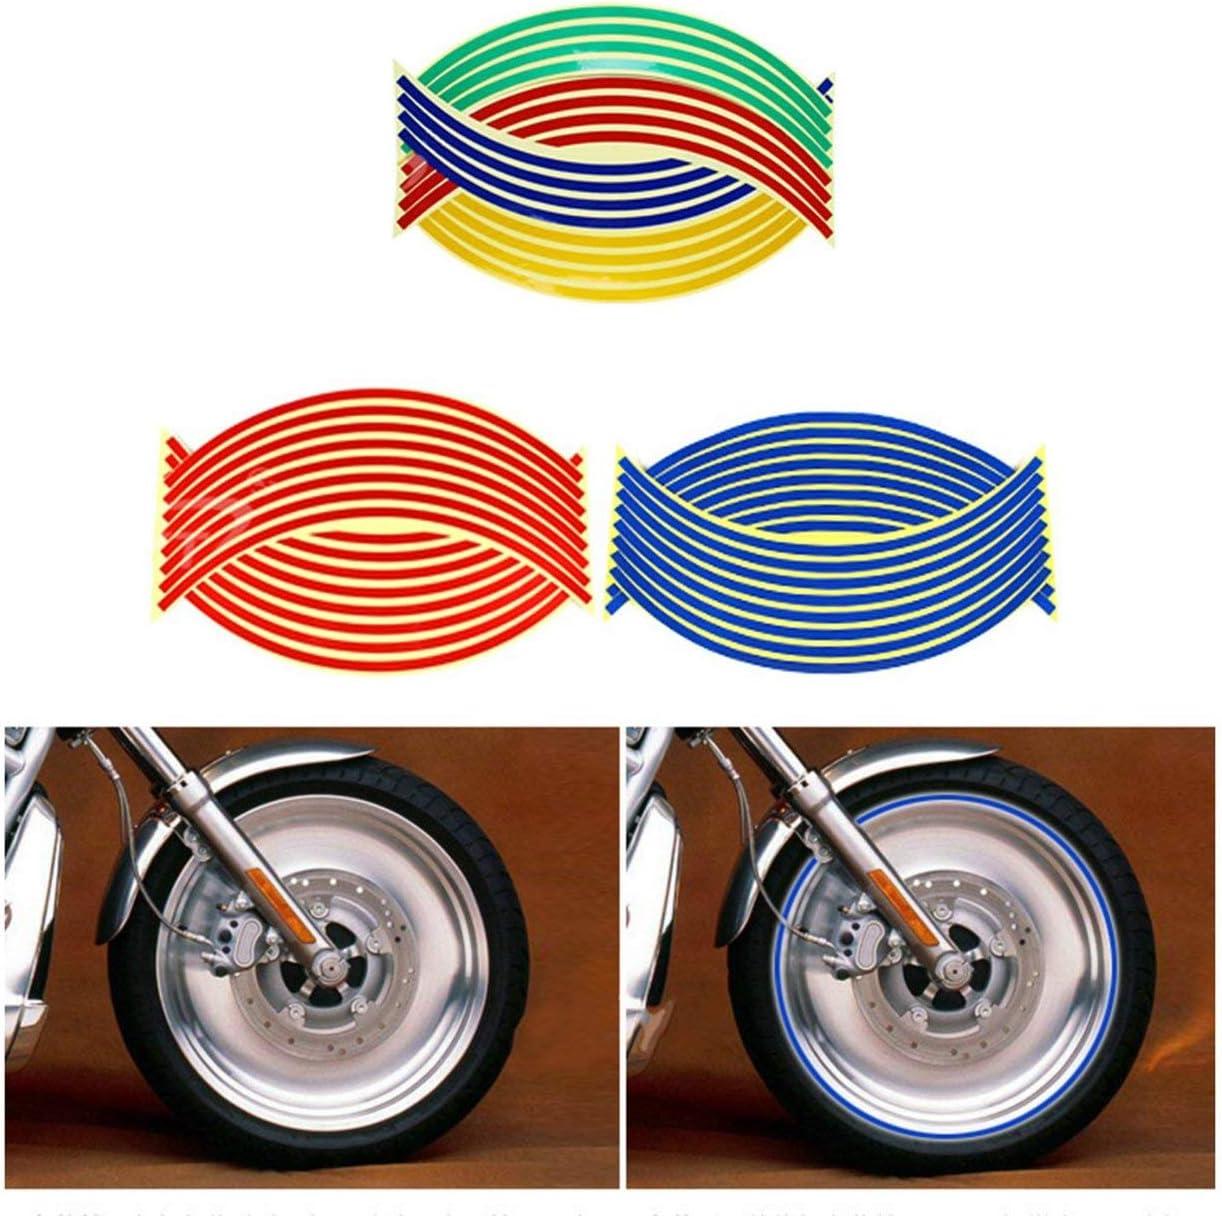 Tiras Adhesivas para Ruedas de Motocicleta de 18 Pulgadas Calcoman/ías Reflectantes Cinta Bicicleta Estilo de Auto Calcoman/ía extra/íble Pegatinas para Ruedas de Coche Pegatinas Rojo